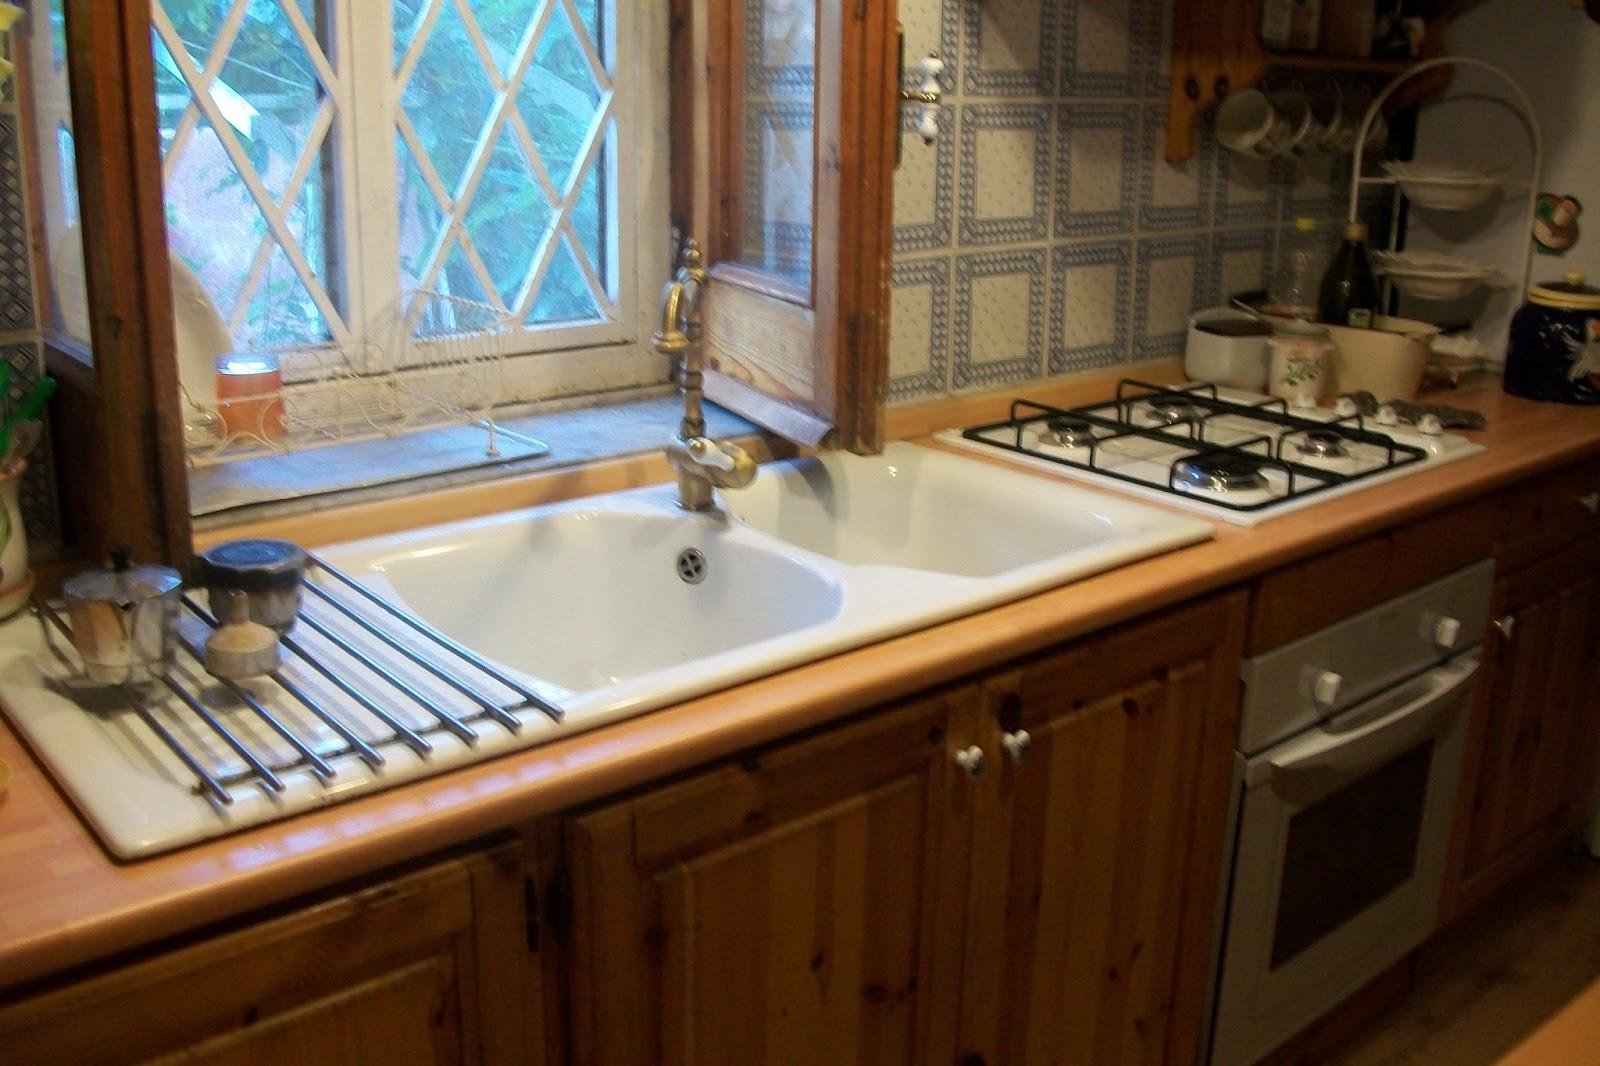 Cucina angolare con finestra ro82 regardsdefemmes for Case moderne sotto 2000 piedi quadrati